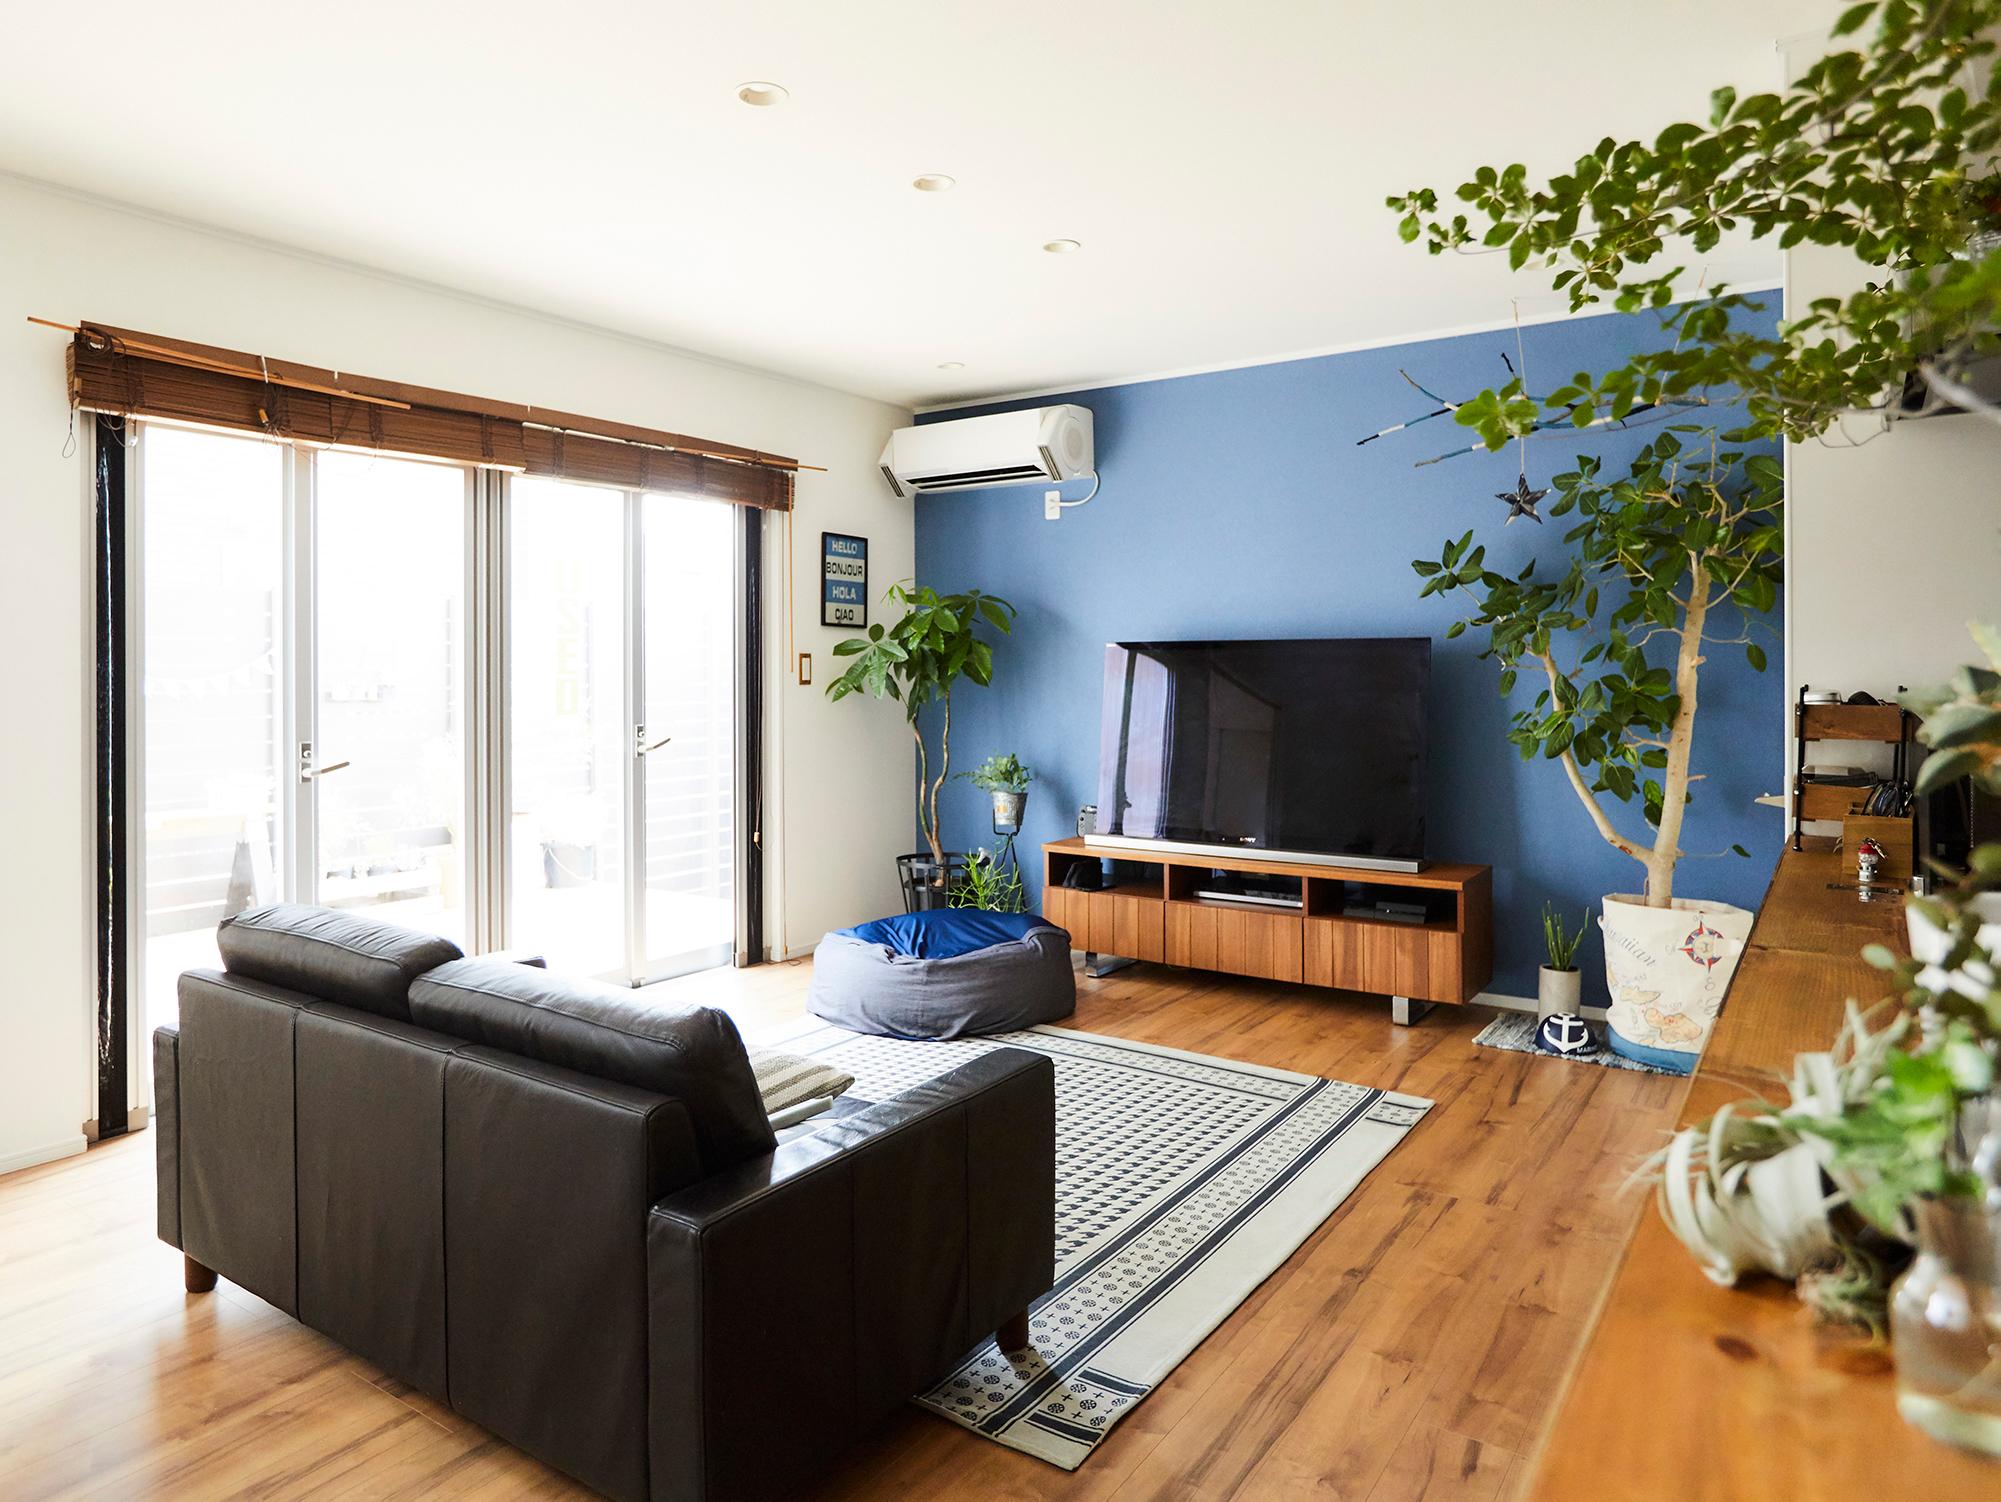 各部屋に置いてあるグリーンが、暮らしに季節感をプラス。